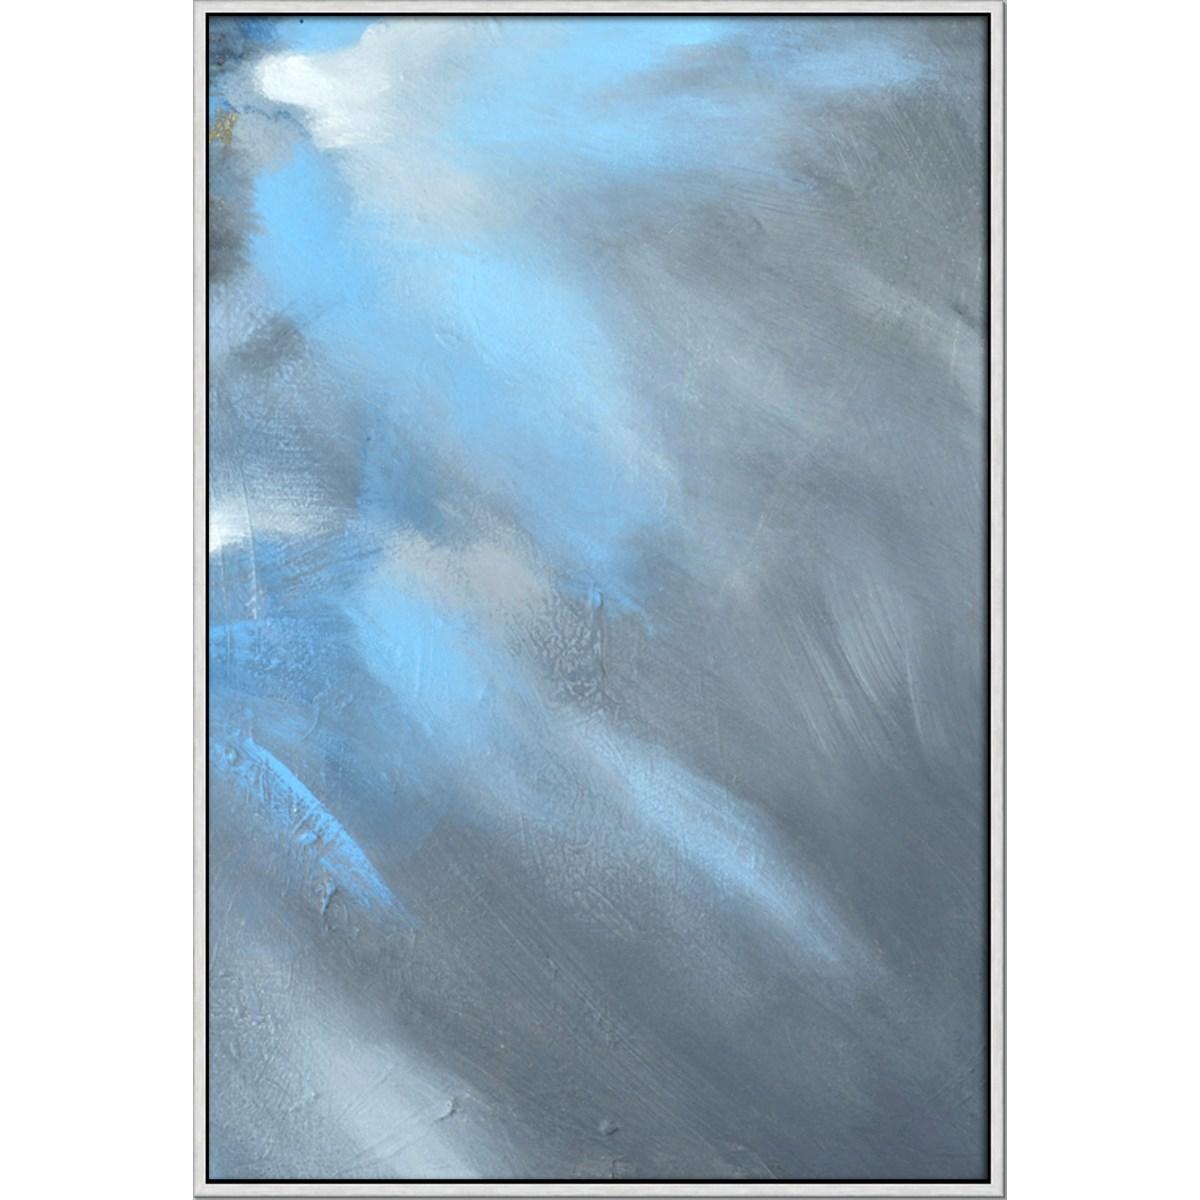 BREAK FREE II - HIGH GLOSS (framed)